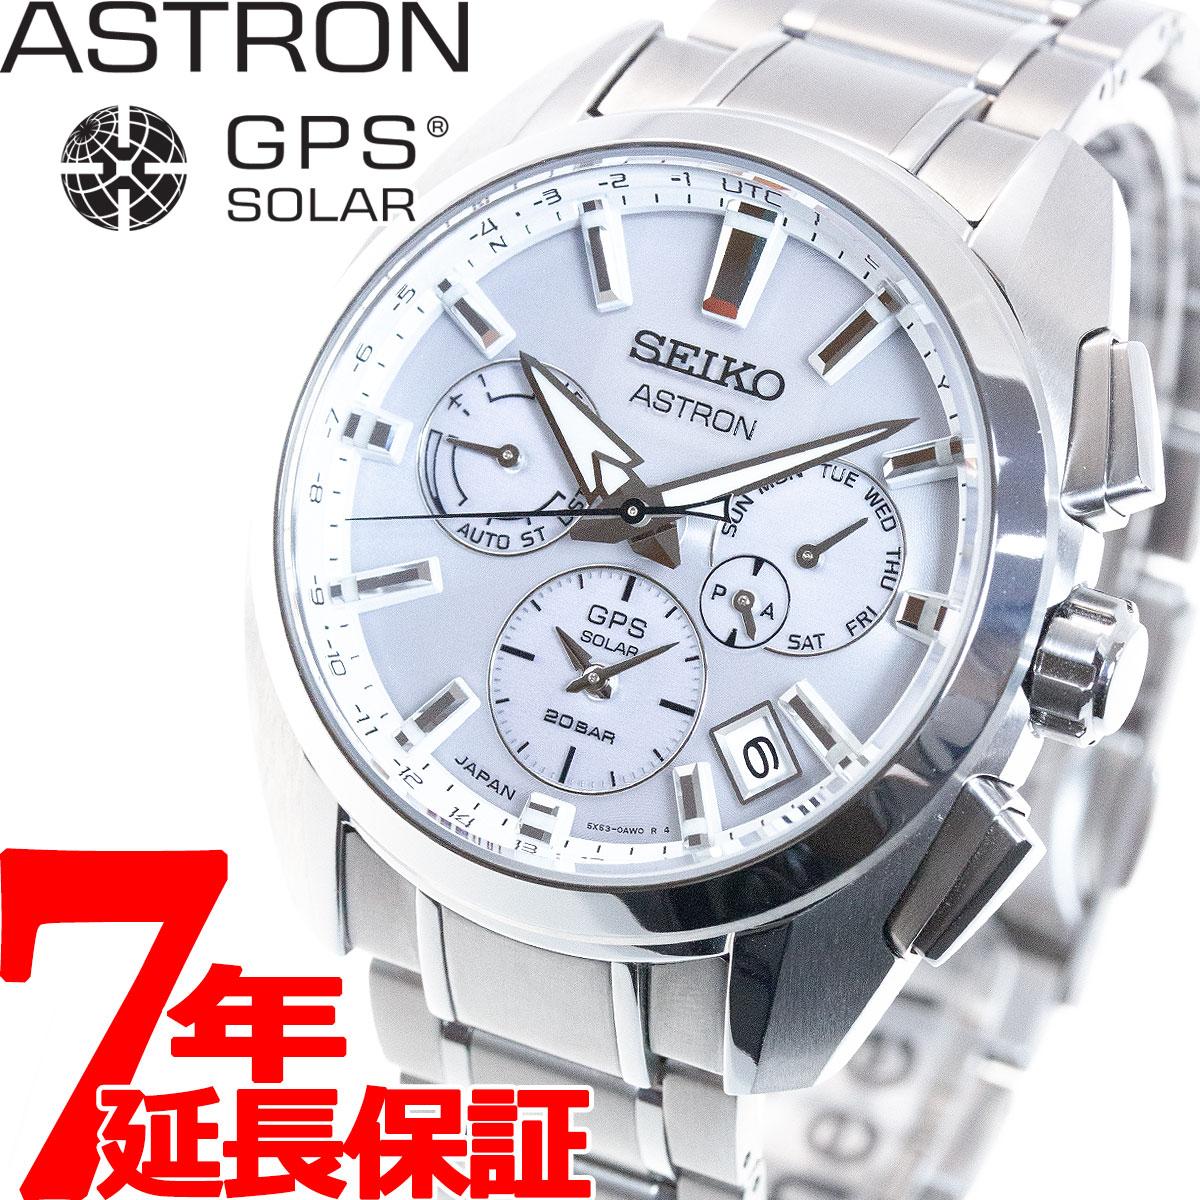 腕時計, メンズ腕時計 2502000OFF60252359 SEIKO ASTRON GPS GPS SBXC0632020